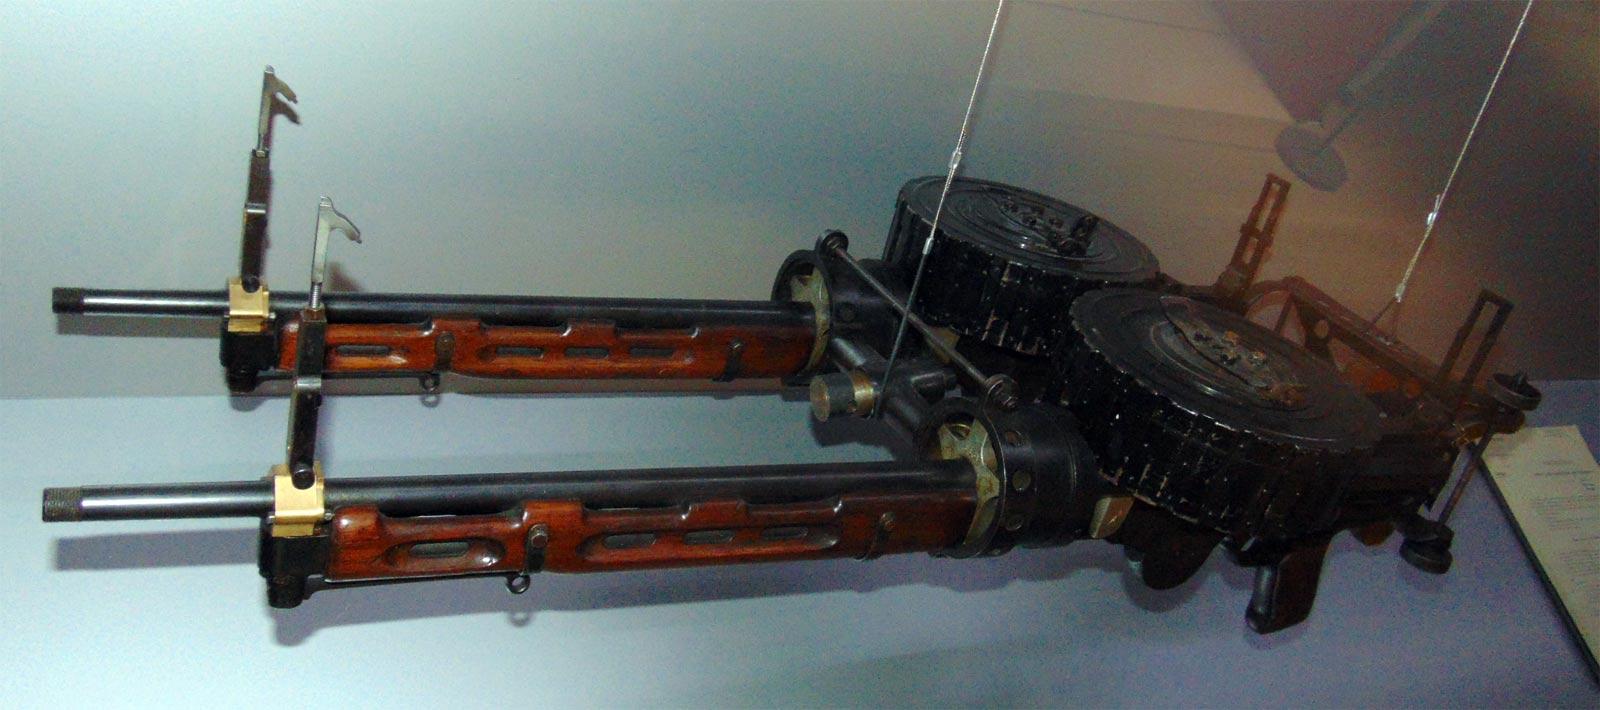 вооружение самолетов первой мировой войны в музее авиации и космонавтики в ле Бурже